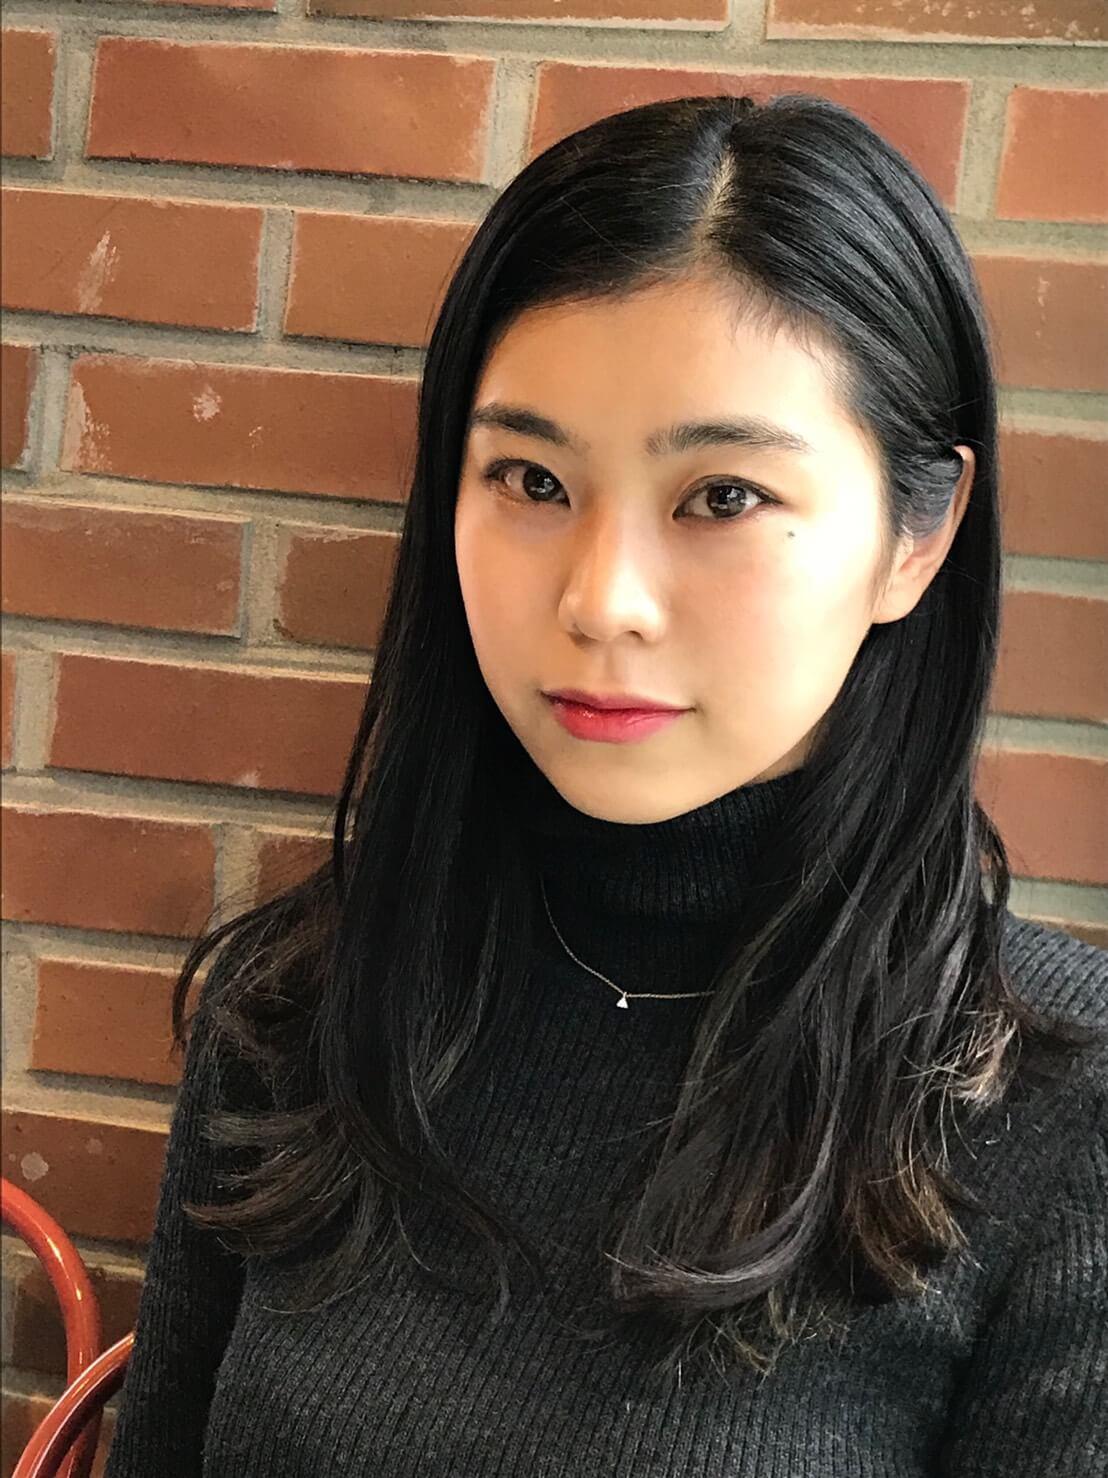 テラハ出演・韓国在住の治田みずきが教える!韓国の注目トレンドファッションアイテムサムネイル画像